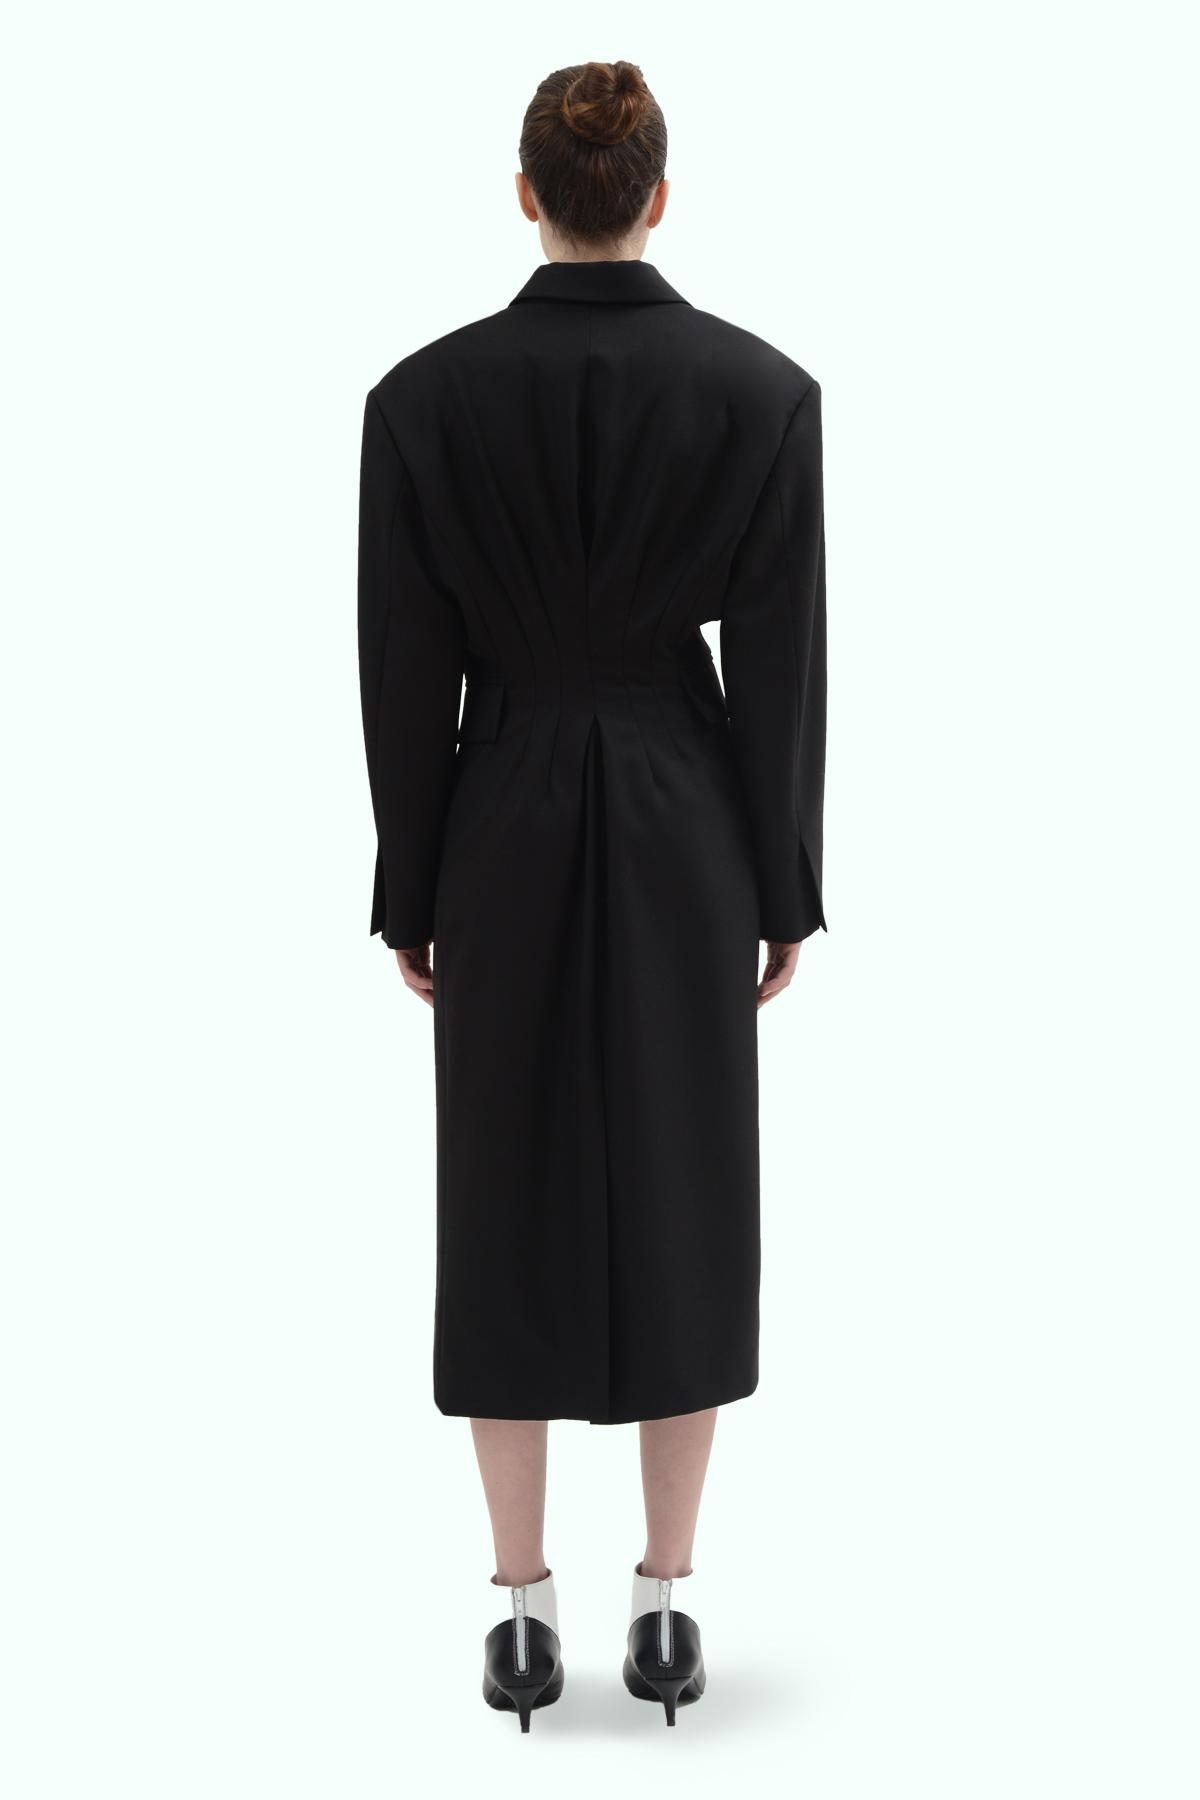 Black wool blazer double brest dress 4